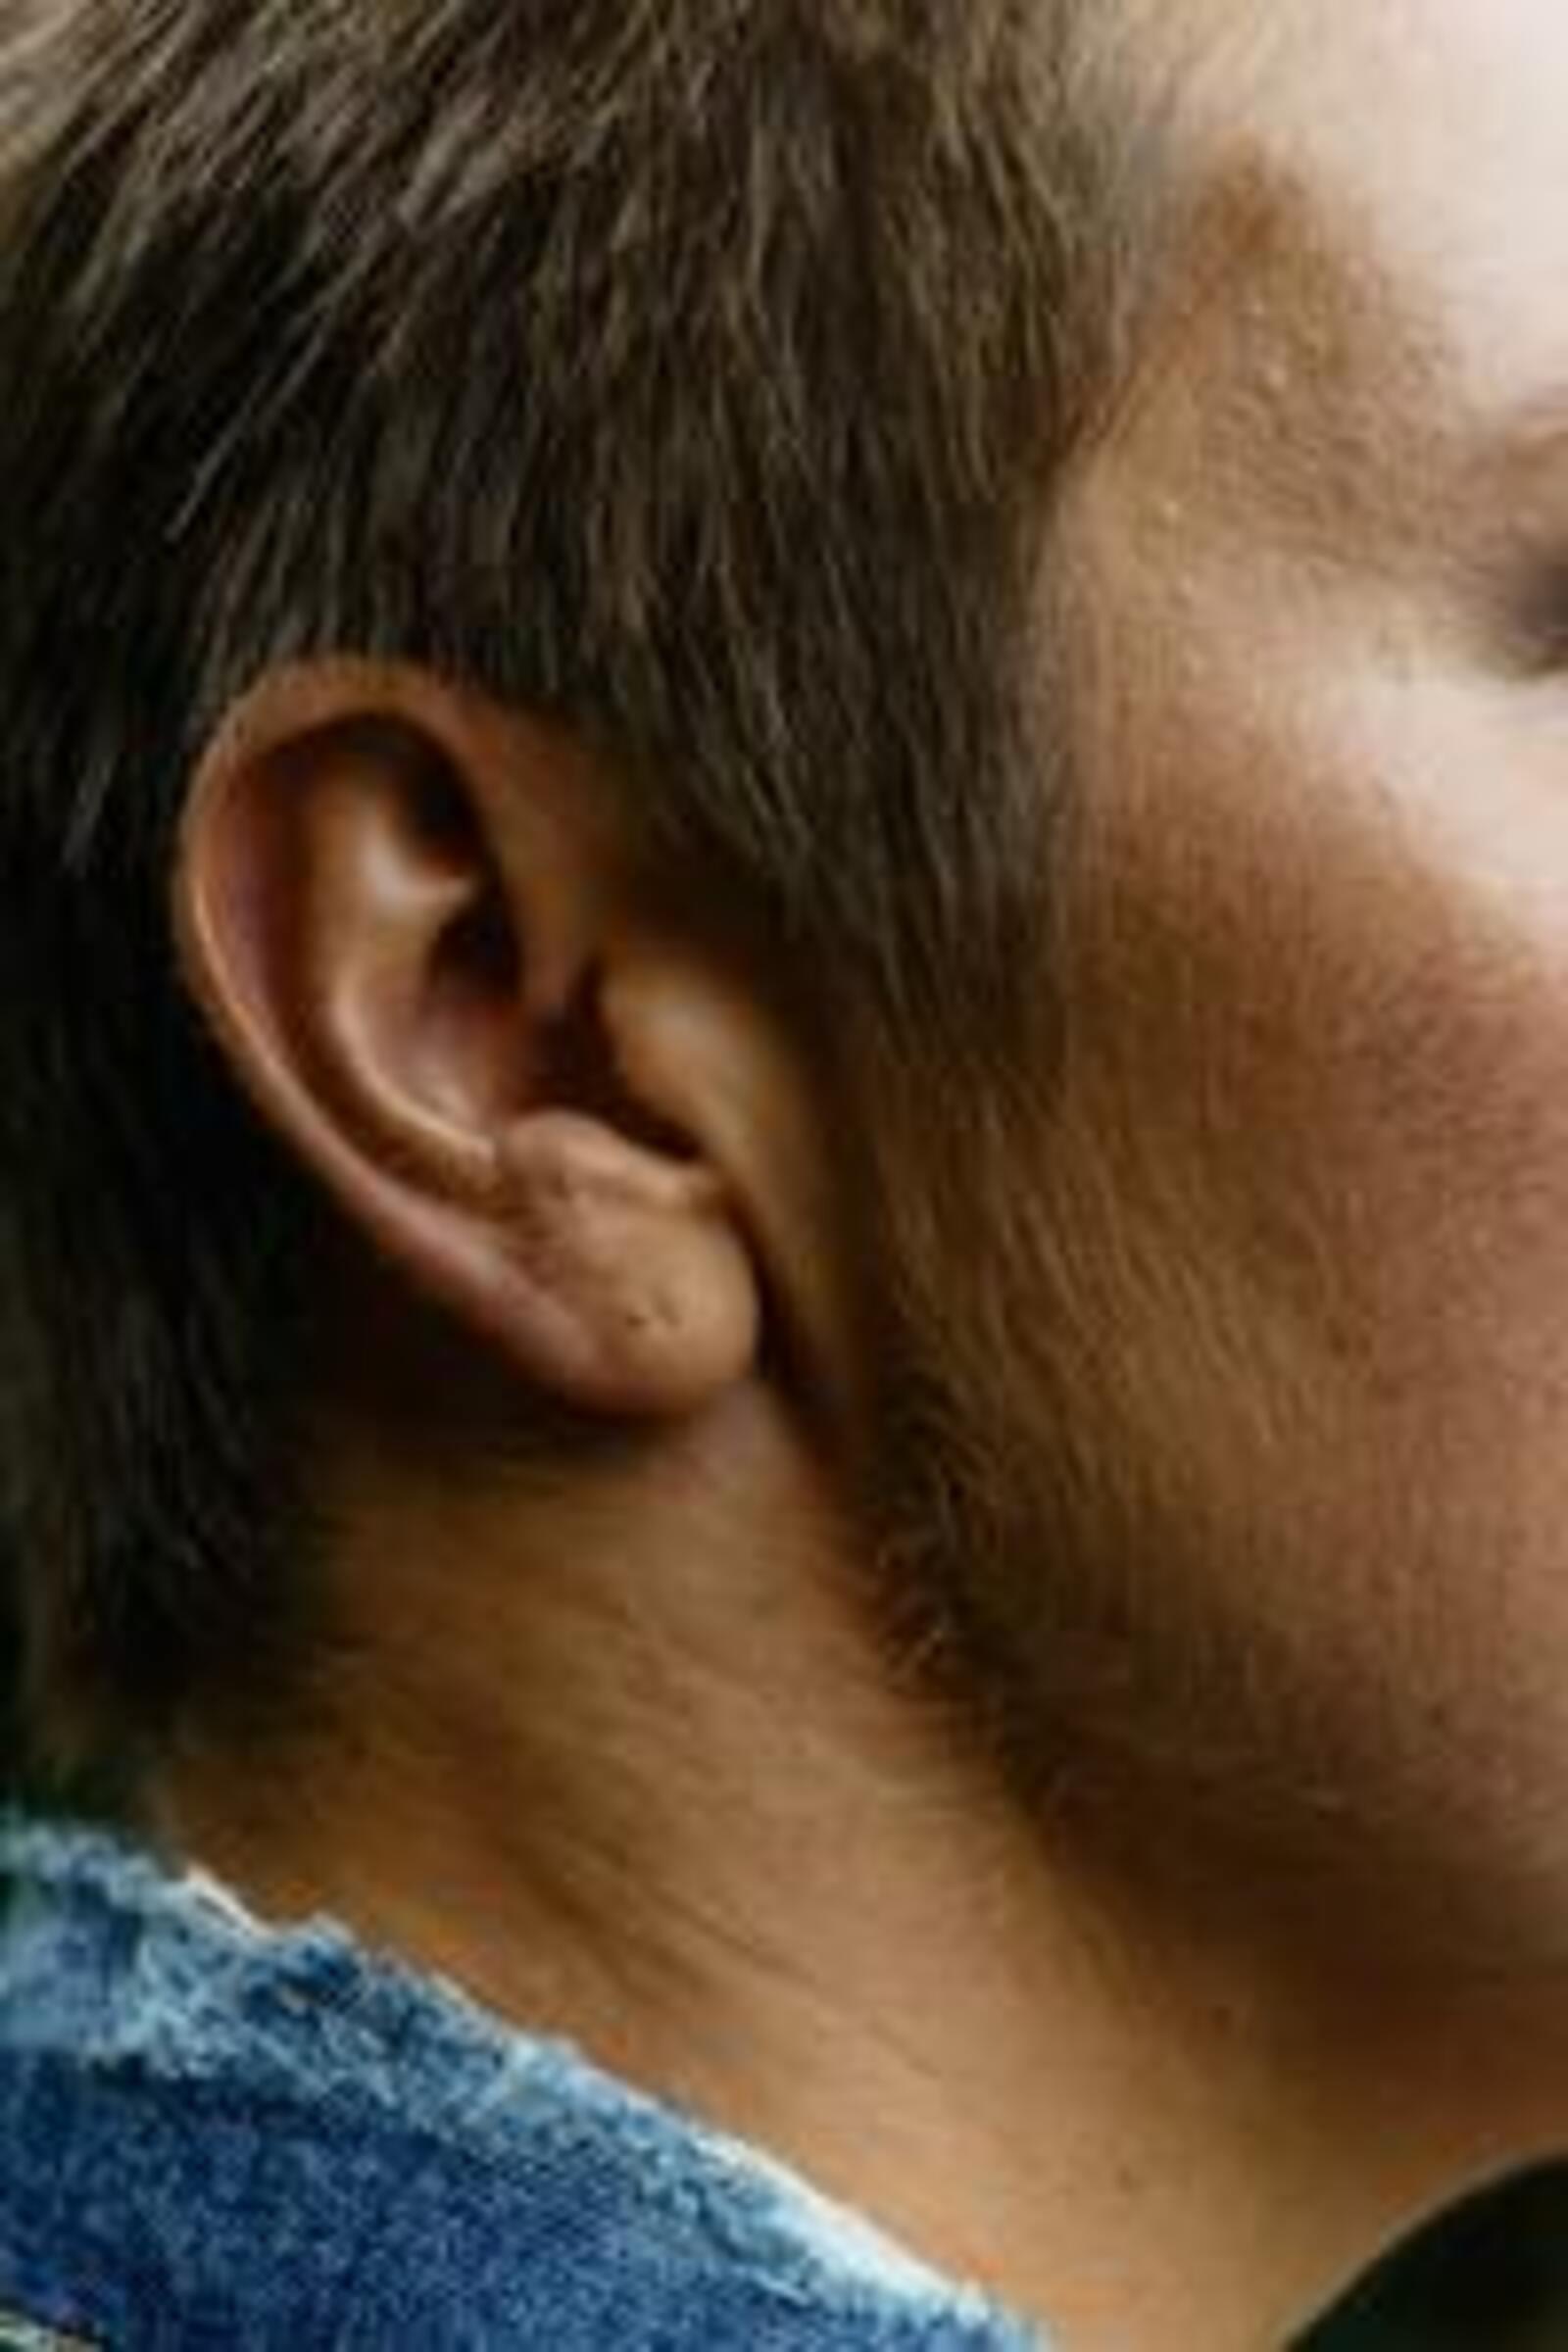 Ohrensausen